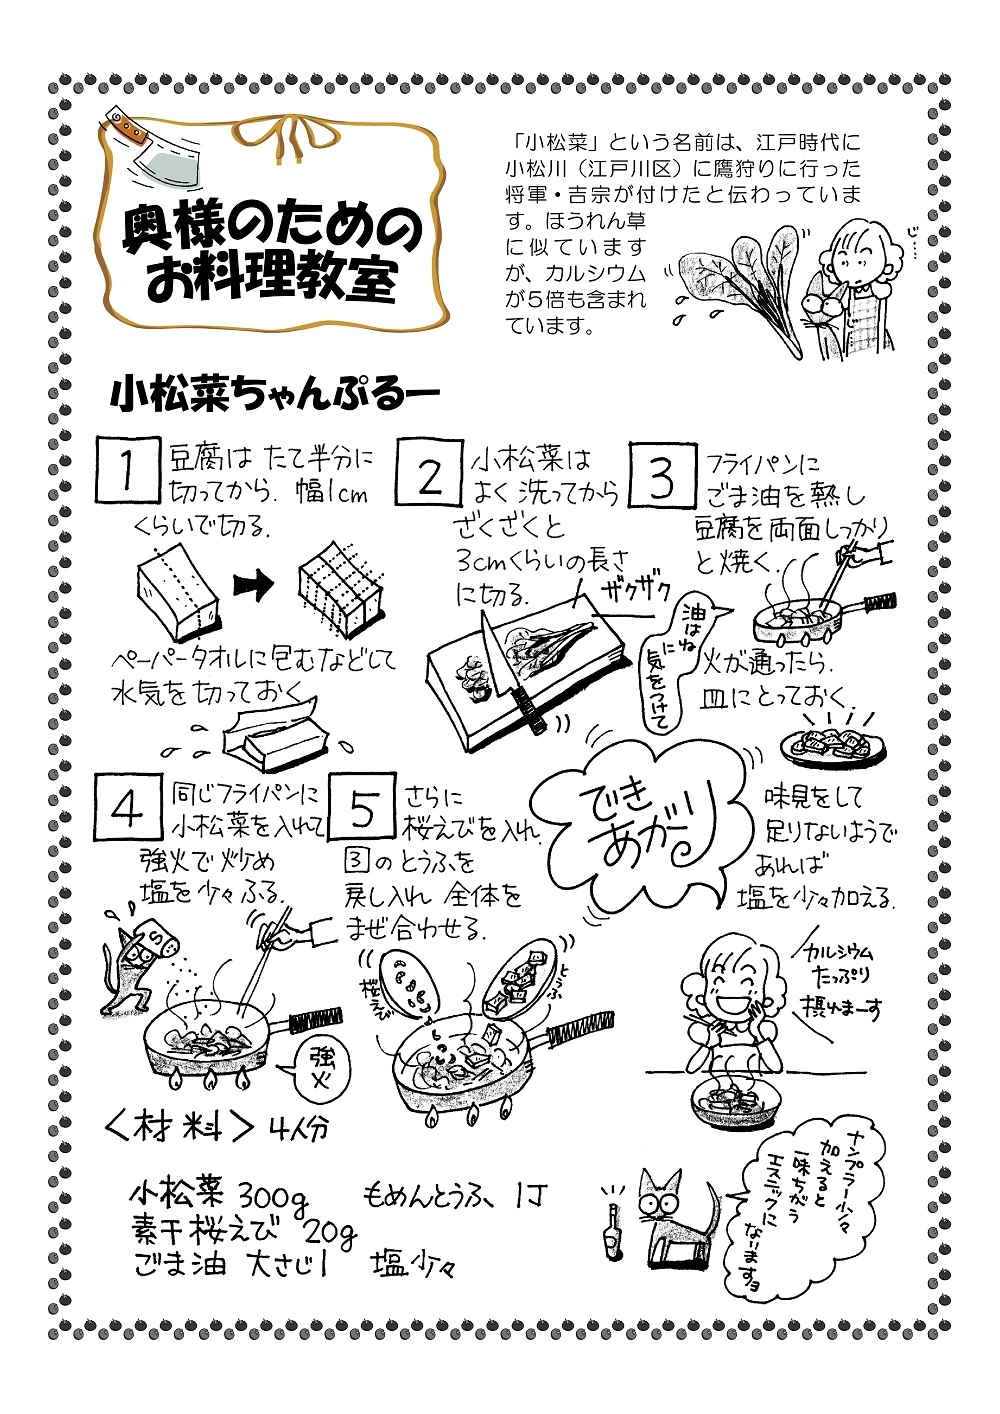 iida-mago06-03_PAGE0004.jpg